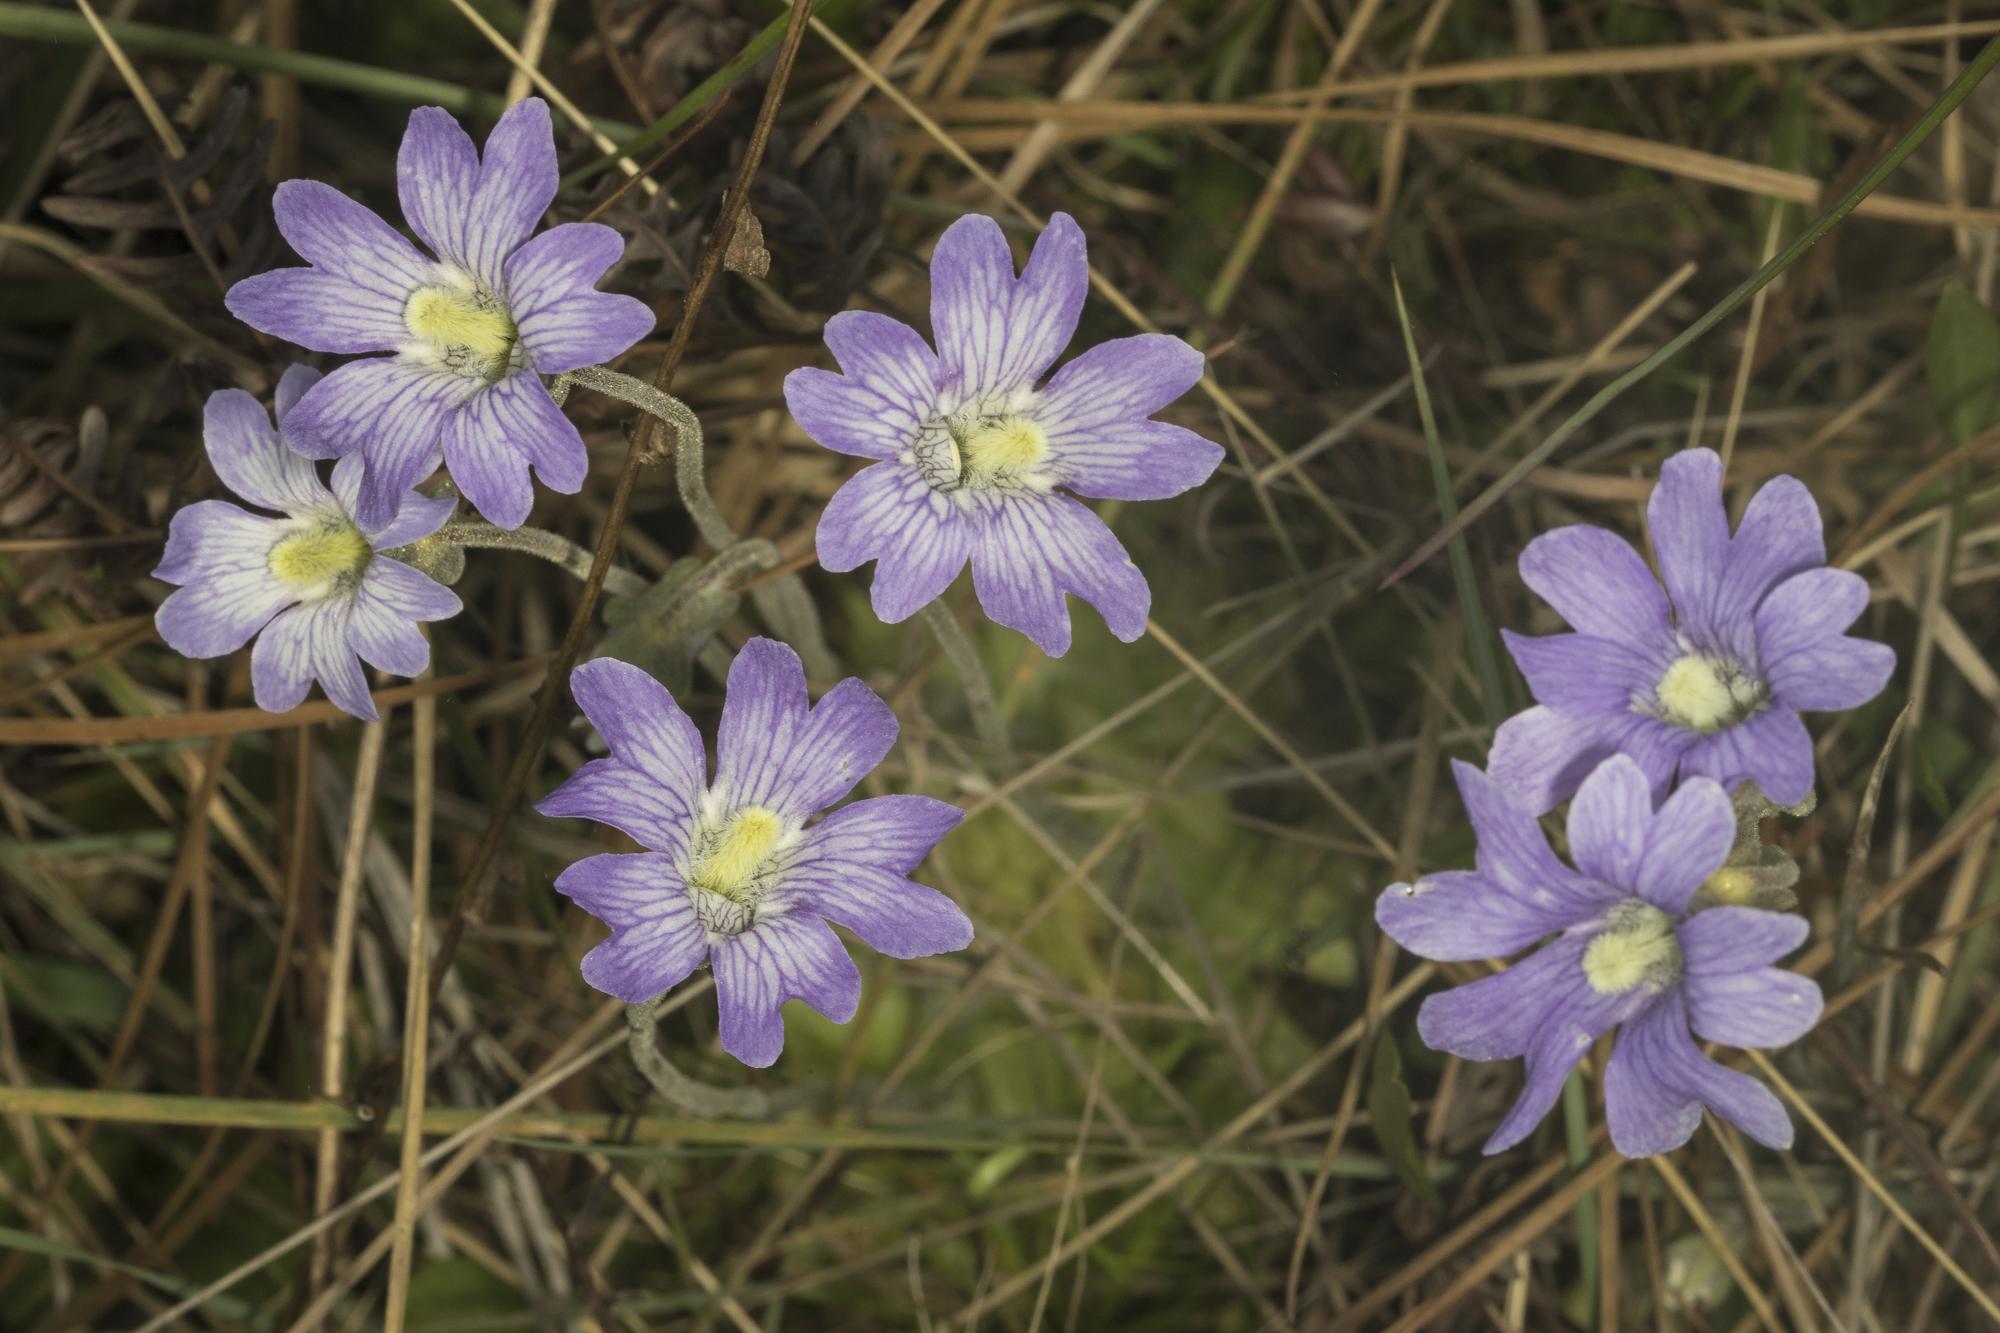 Butterwort flowers